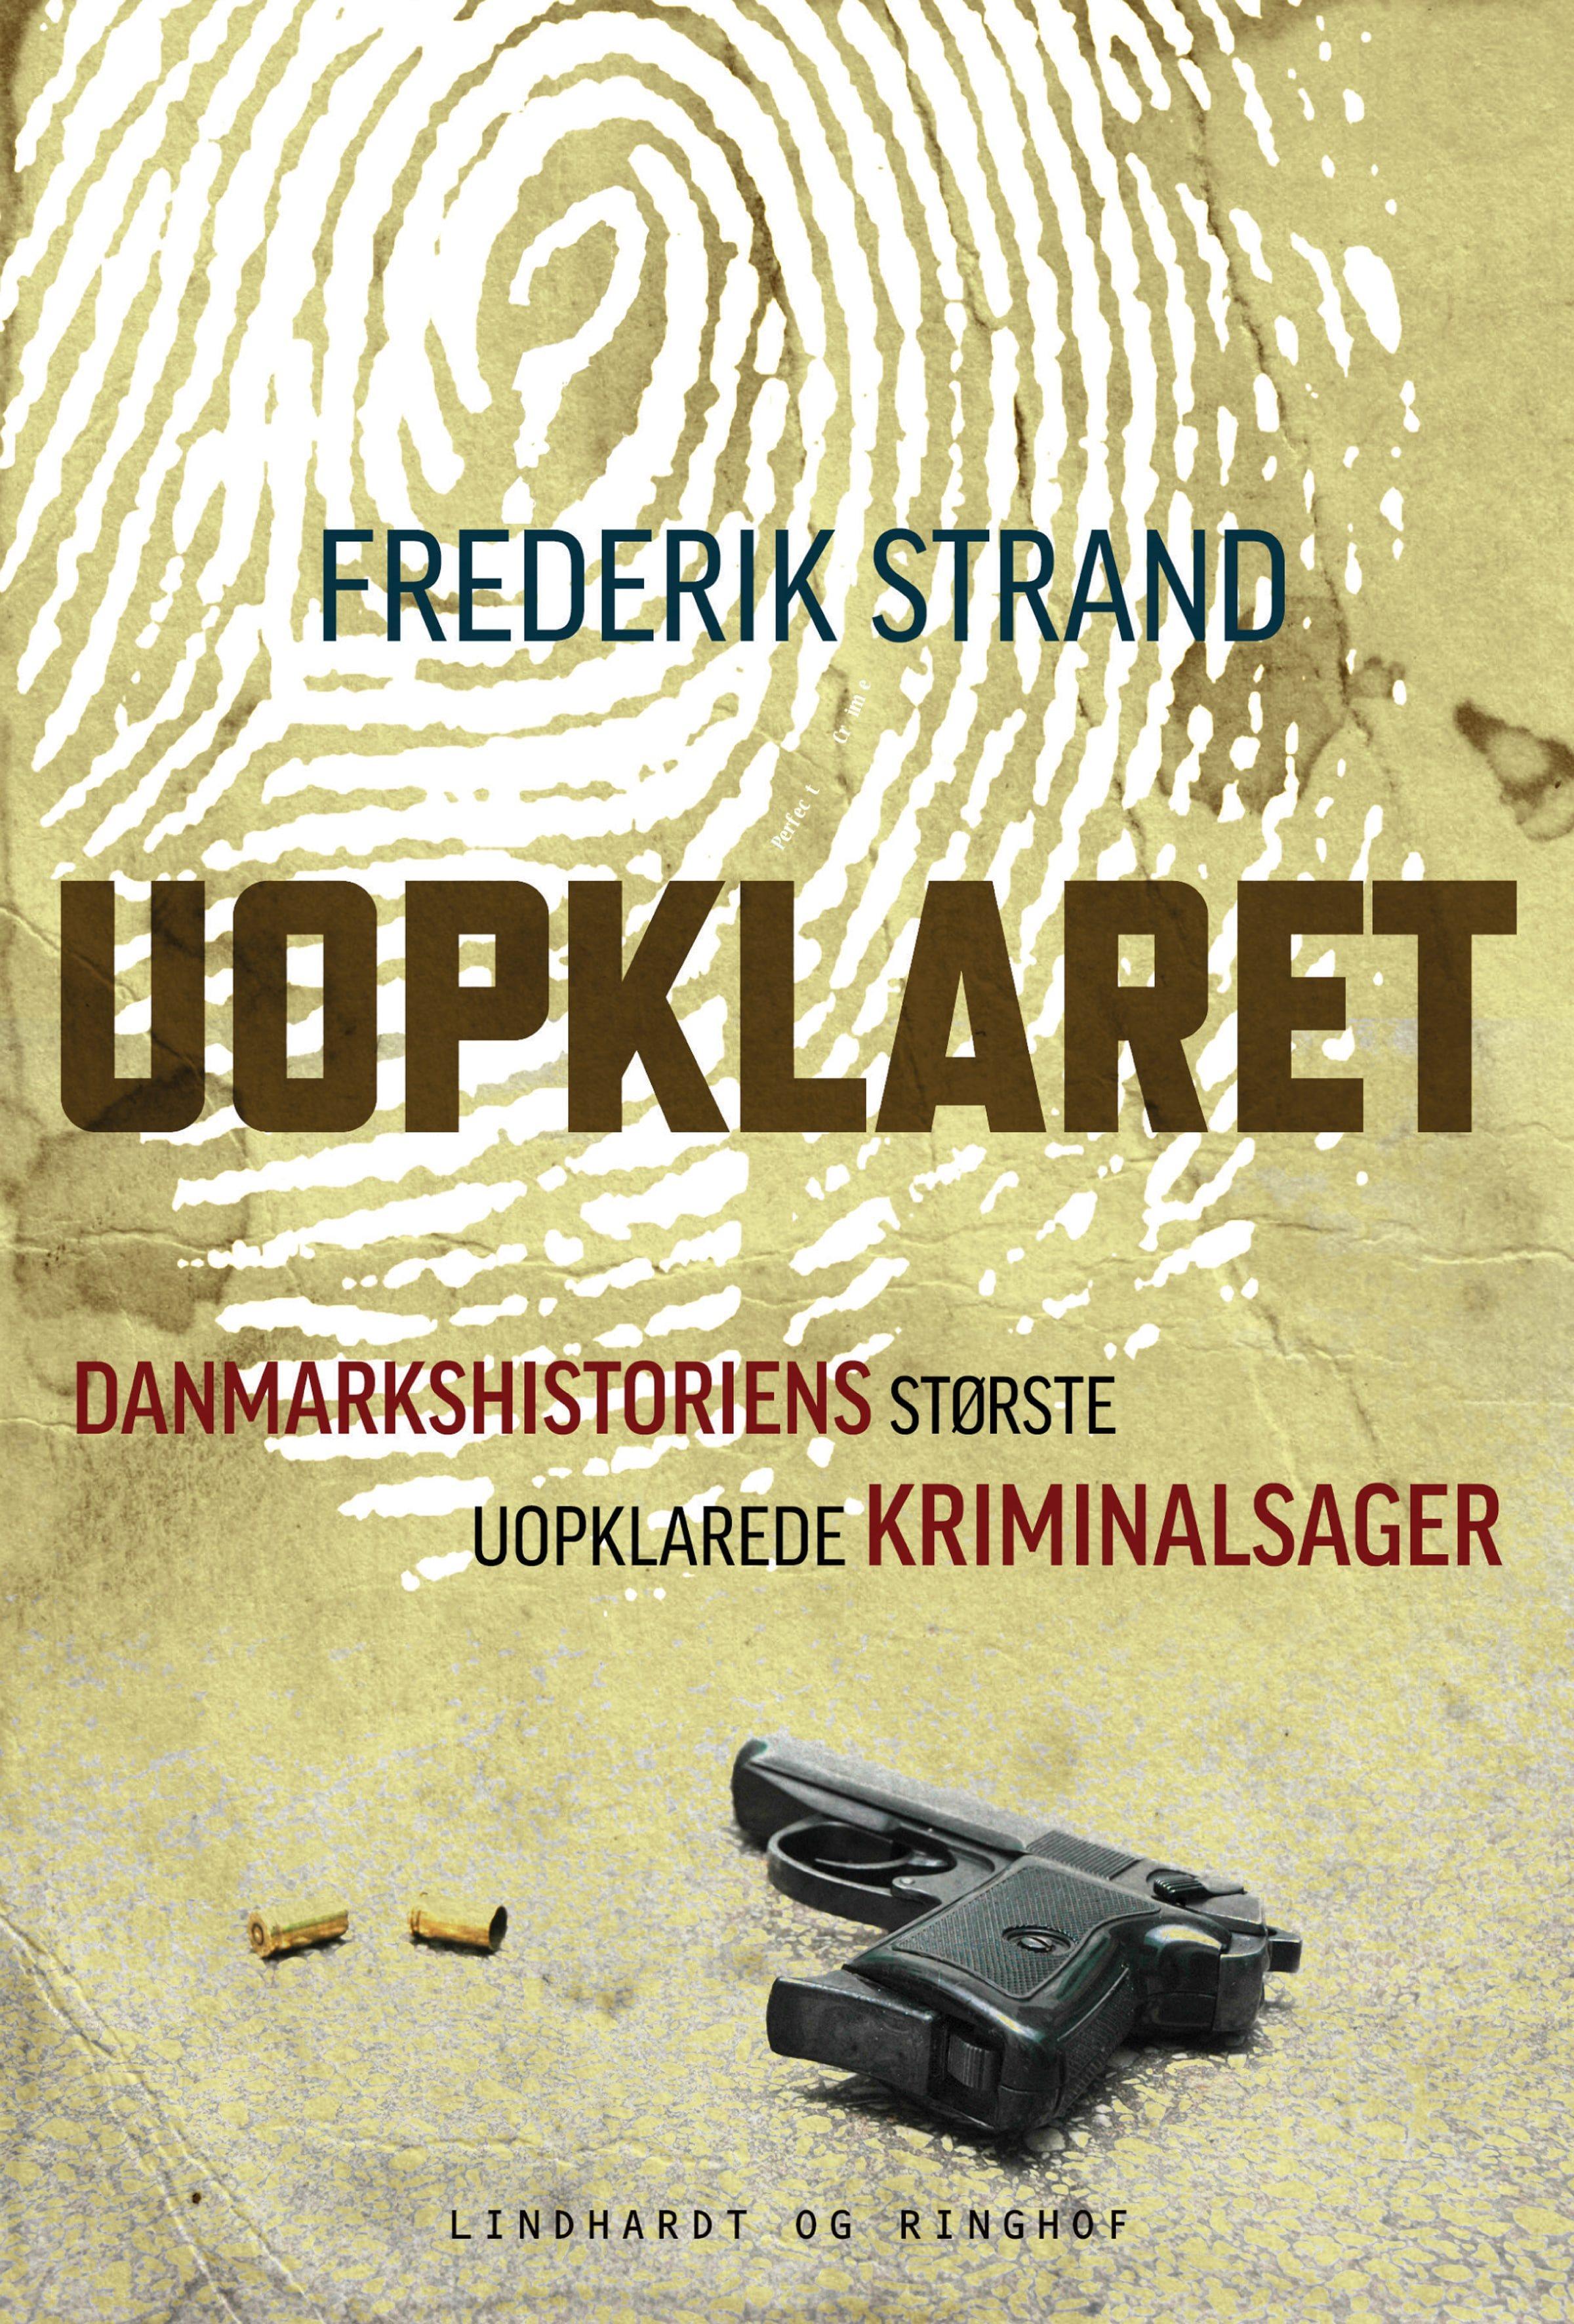 Frederik Strand, Uopklaret, kriminalsag, efterforskning, true crime